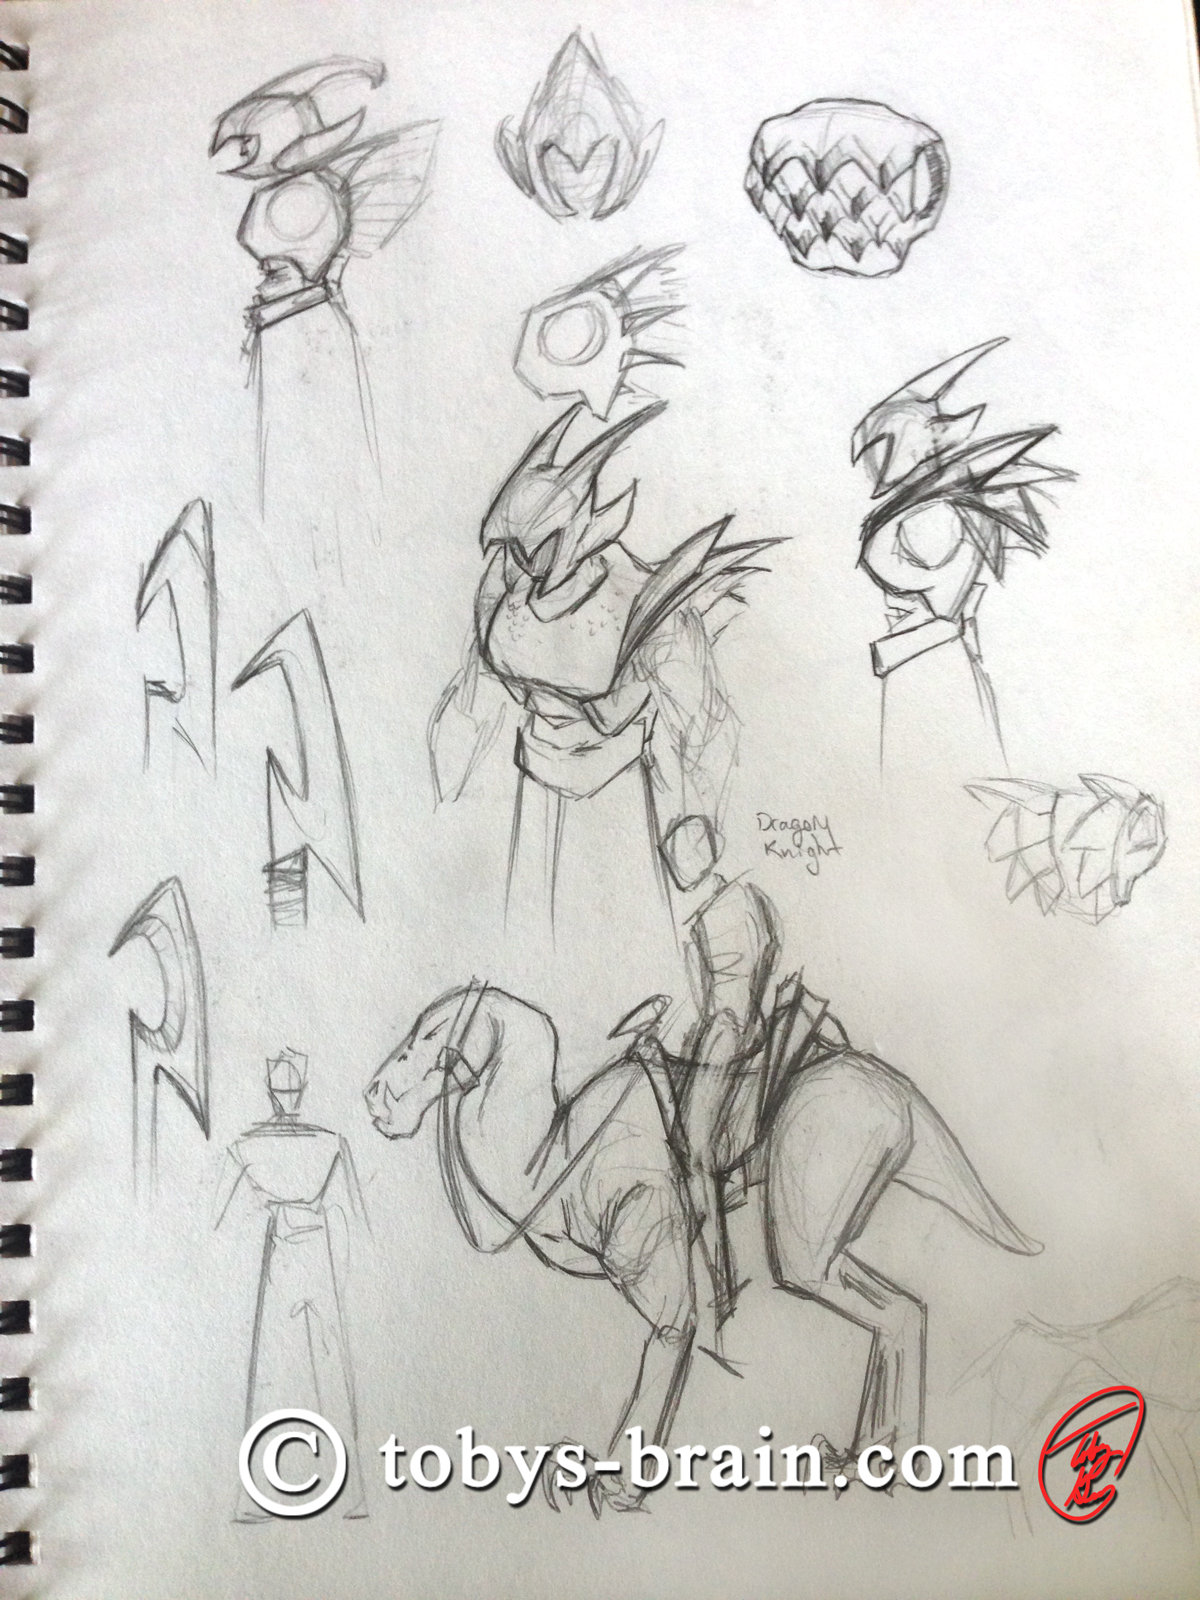 Toby-Gray-dragon-rider-sketch-1